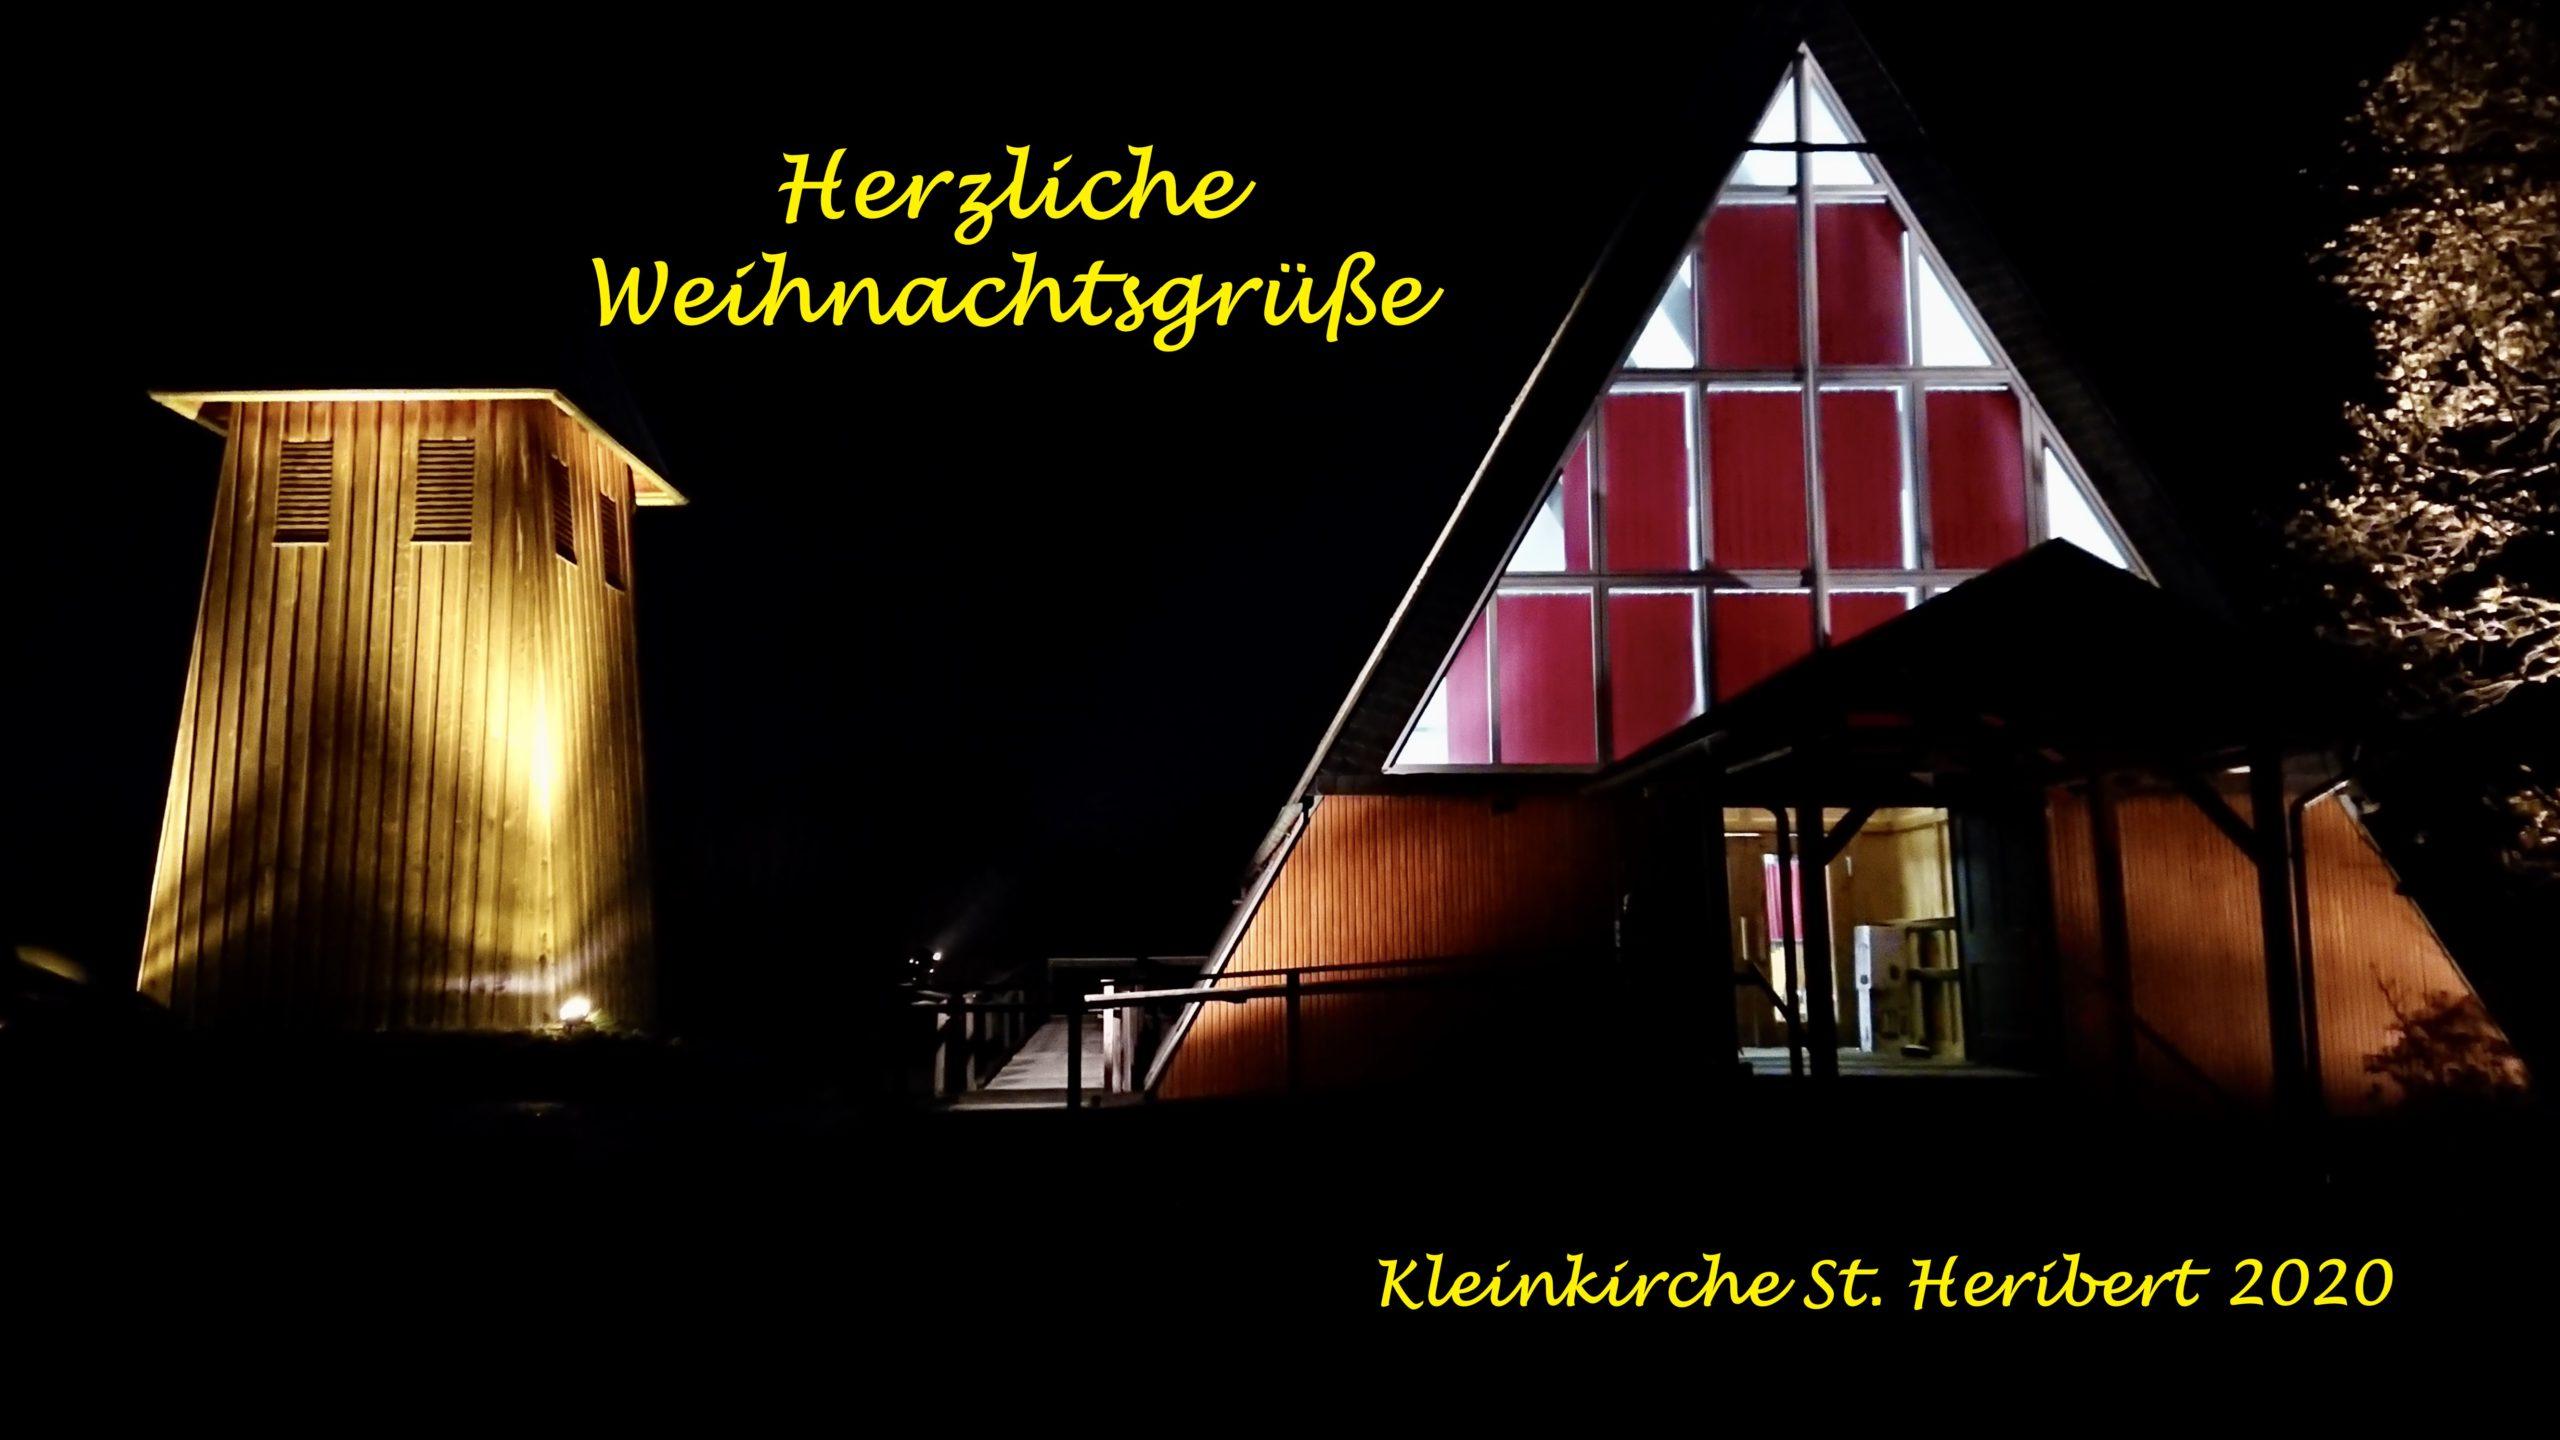 Der Glockenturm und die Kleinkirche St. Heribert bei Nacht und Beleuchtung und der Schriftzug Herzliche Weihnachtsgrüße